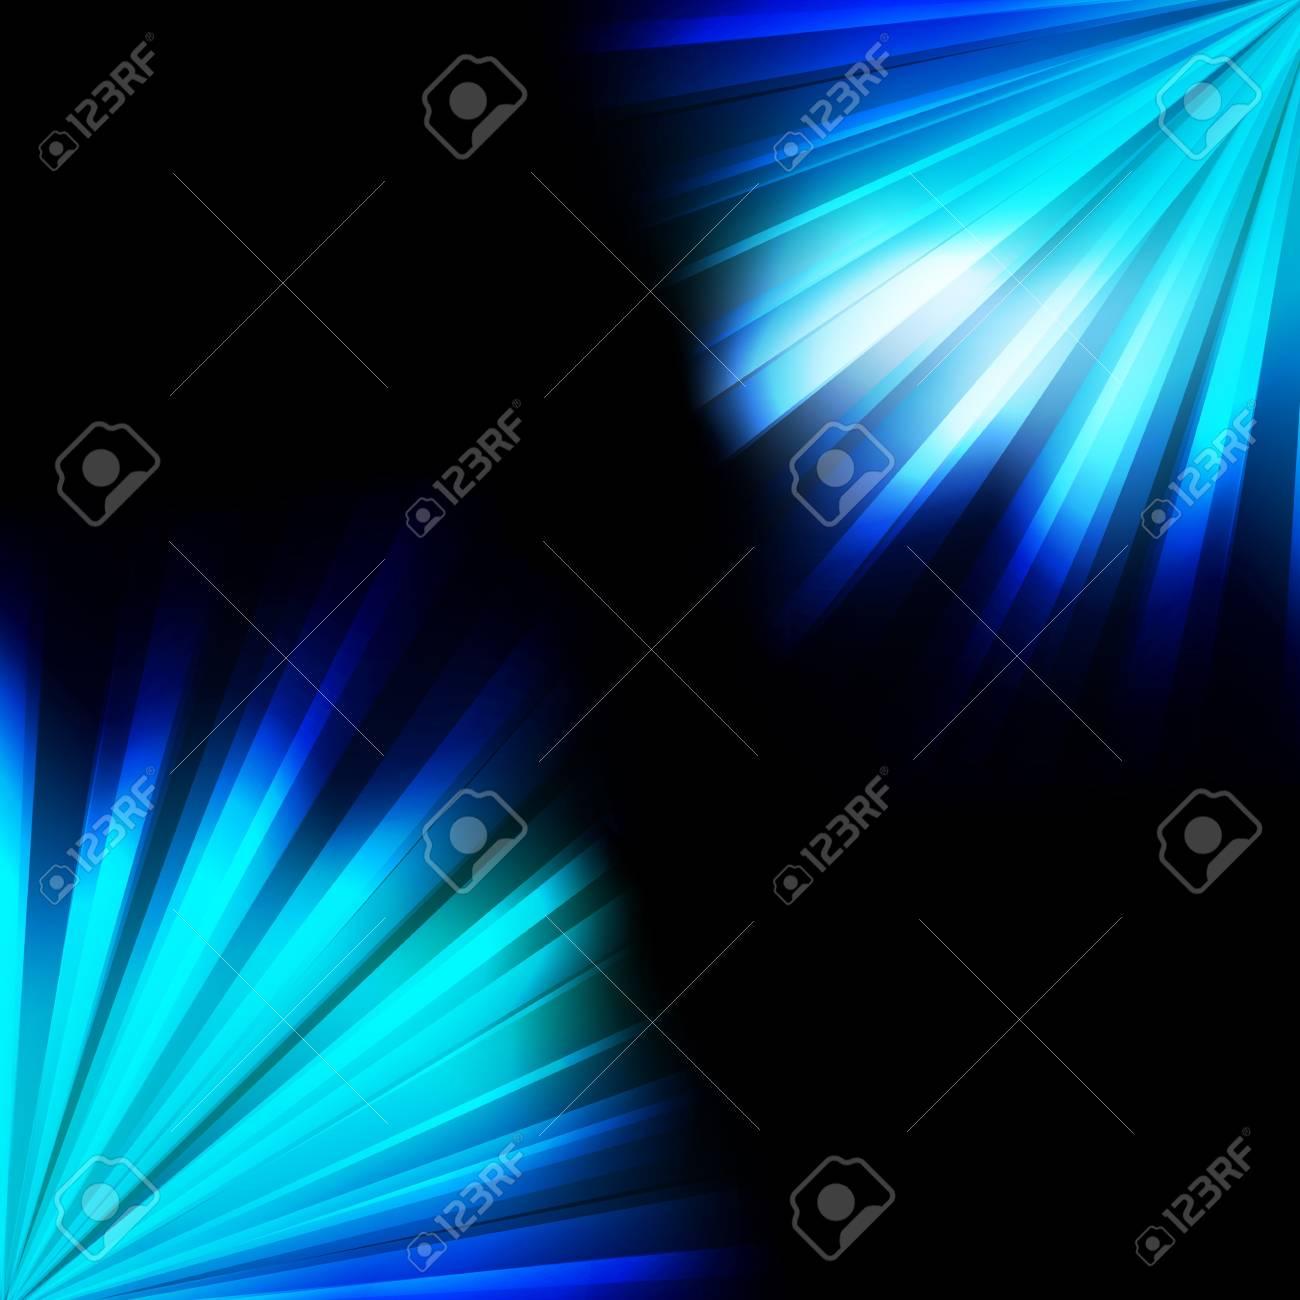 Blue burst light background for poster Stock Vector - 16932747